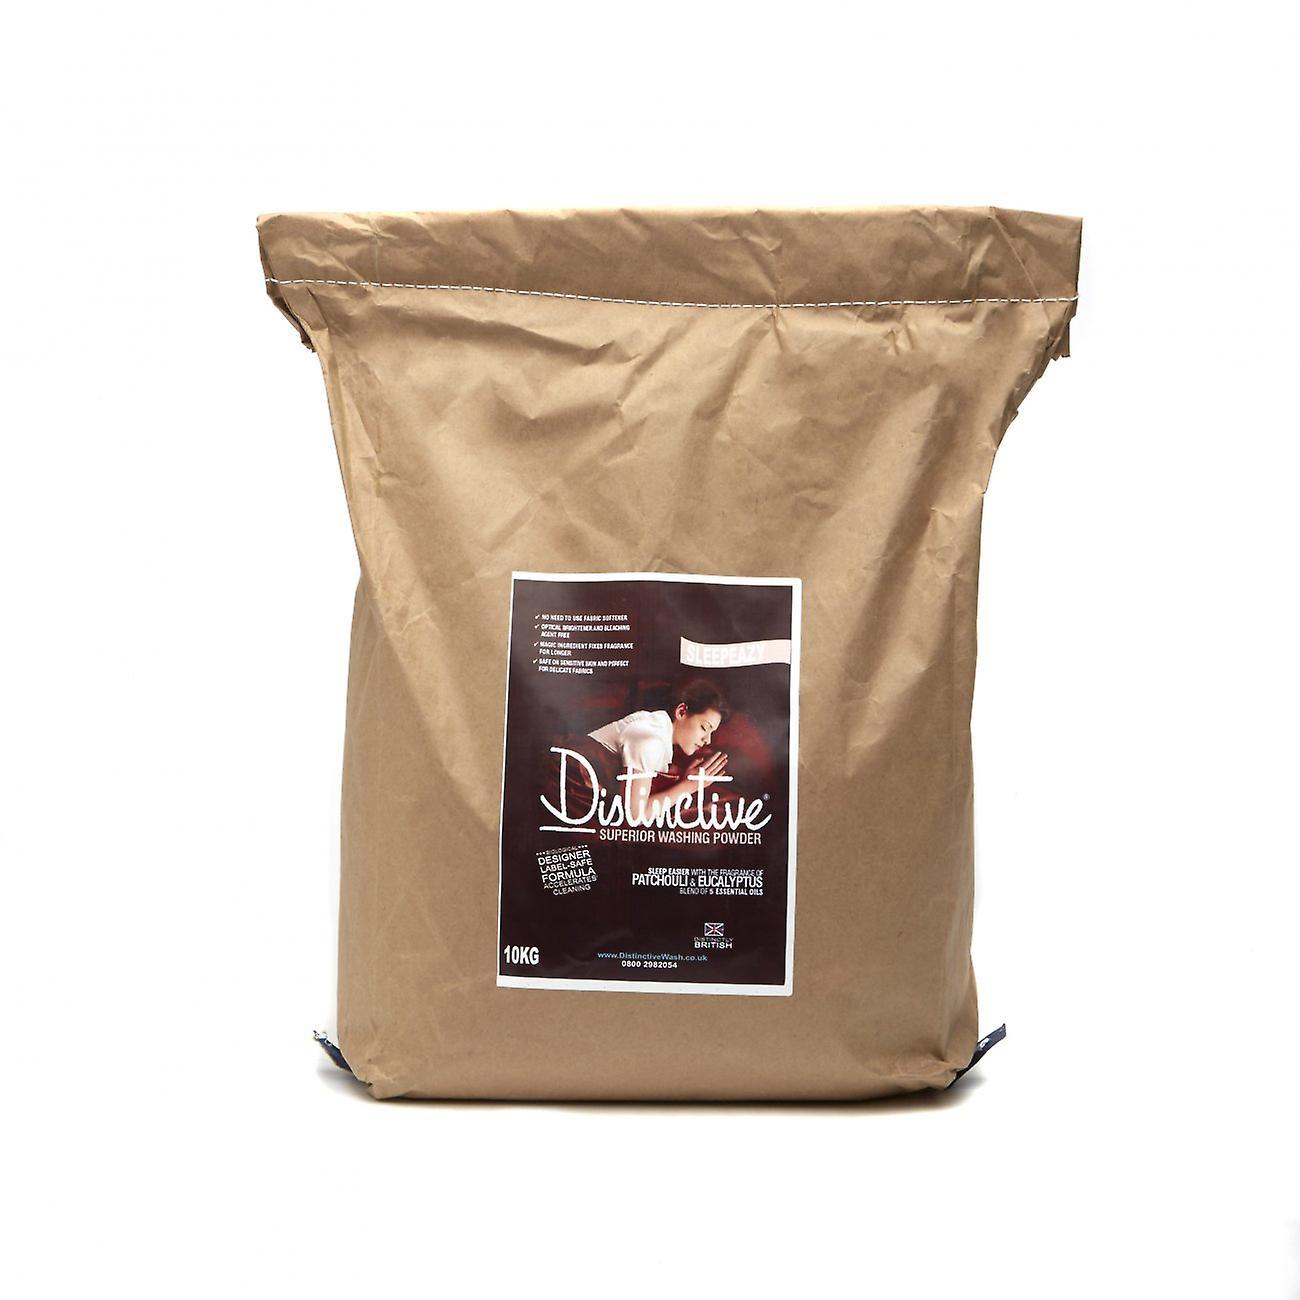 Distinctive Washing Powder - Relaxing Fragrance 166 Wash Sack